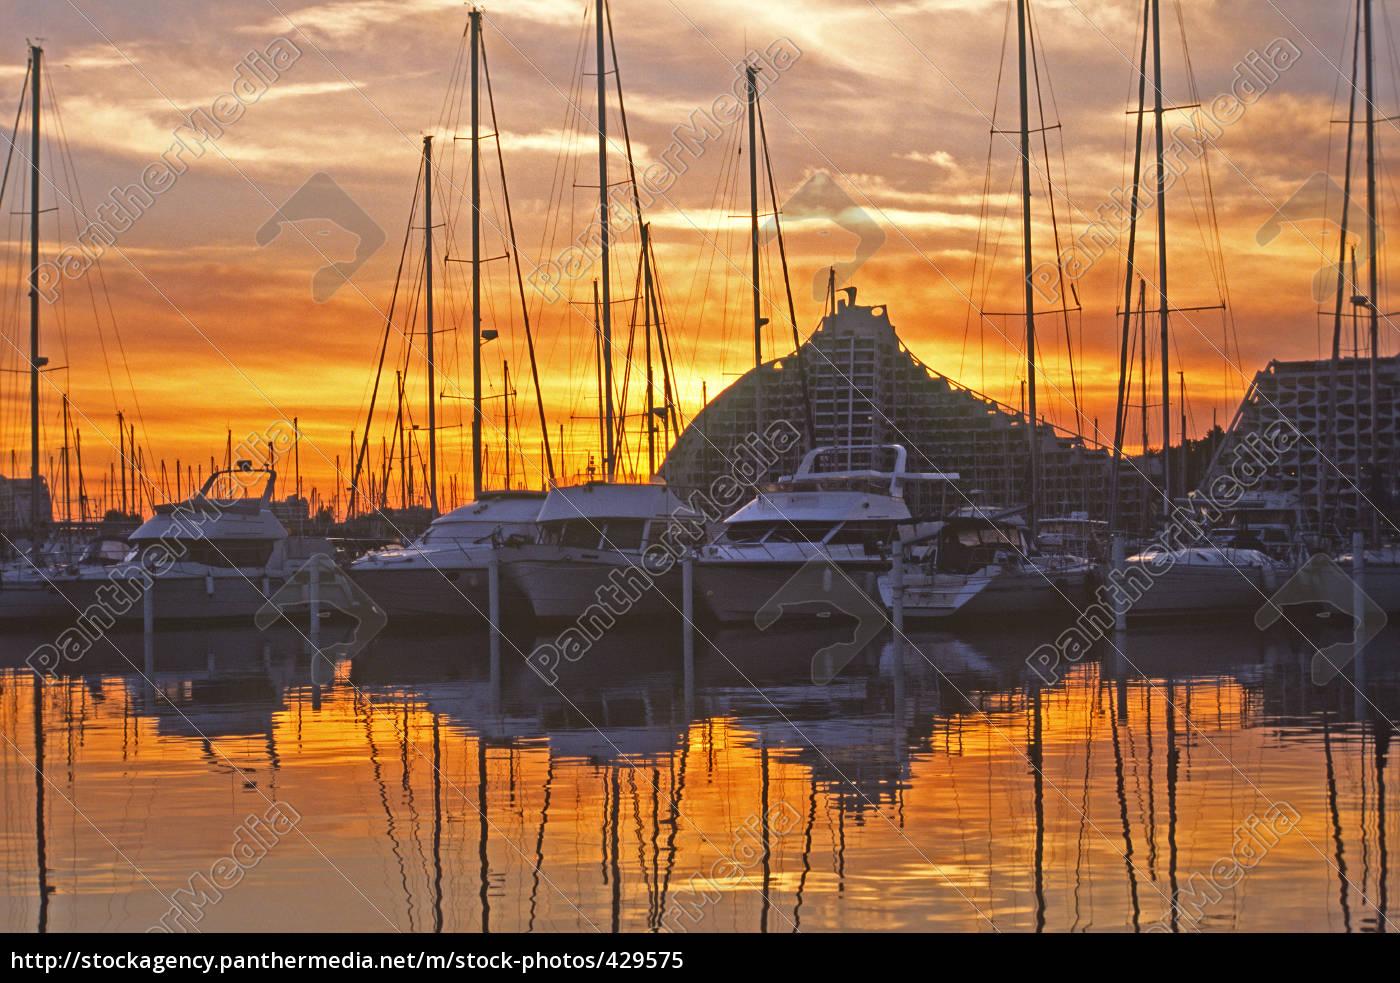 camargue, la-grande-motte, evening, harbor - 429575